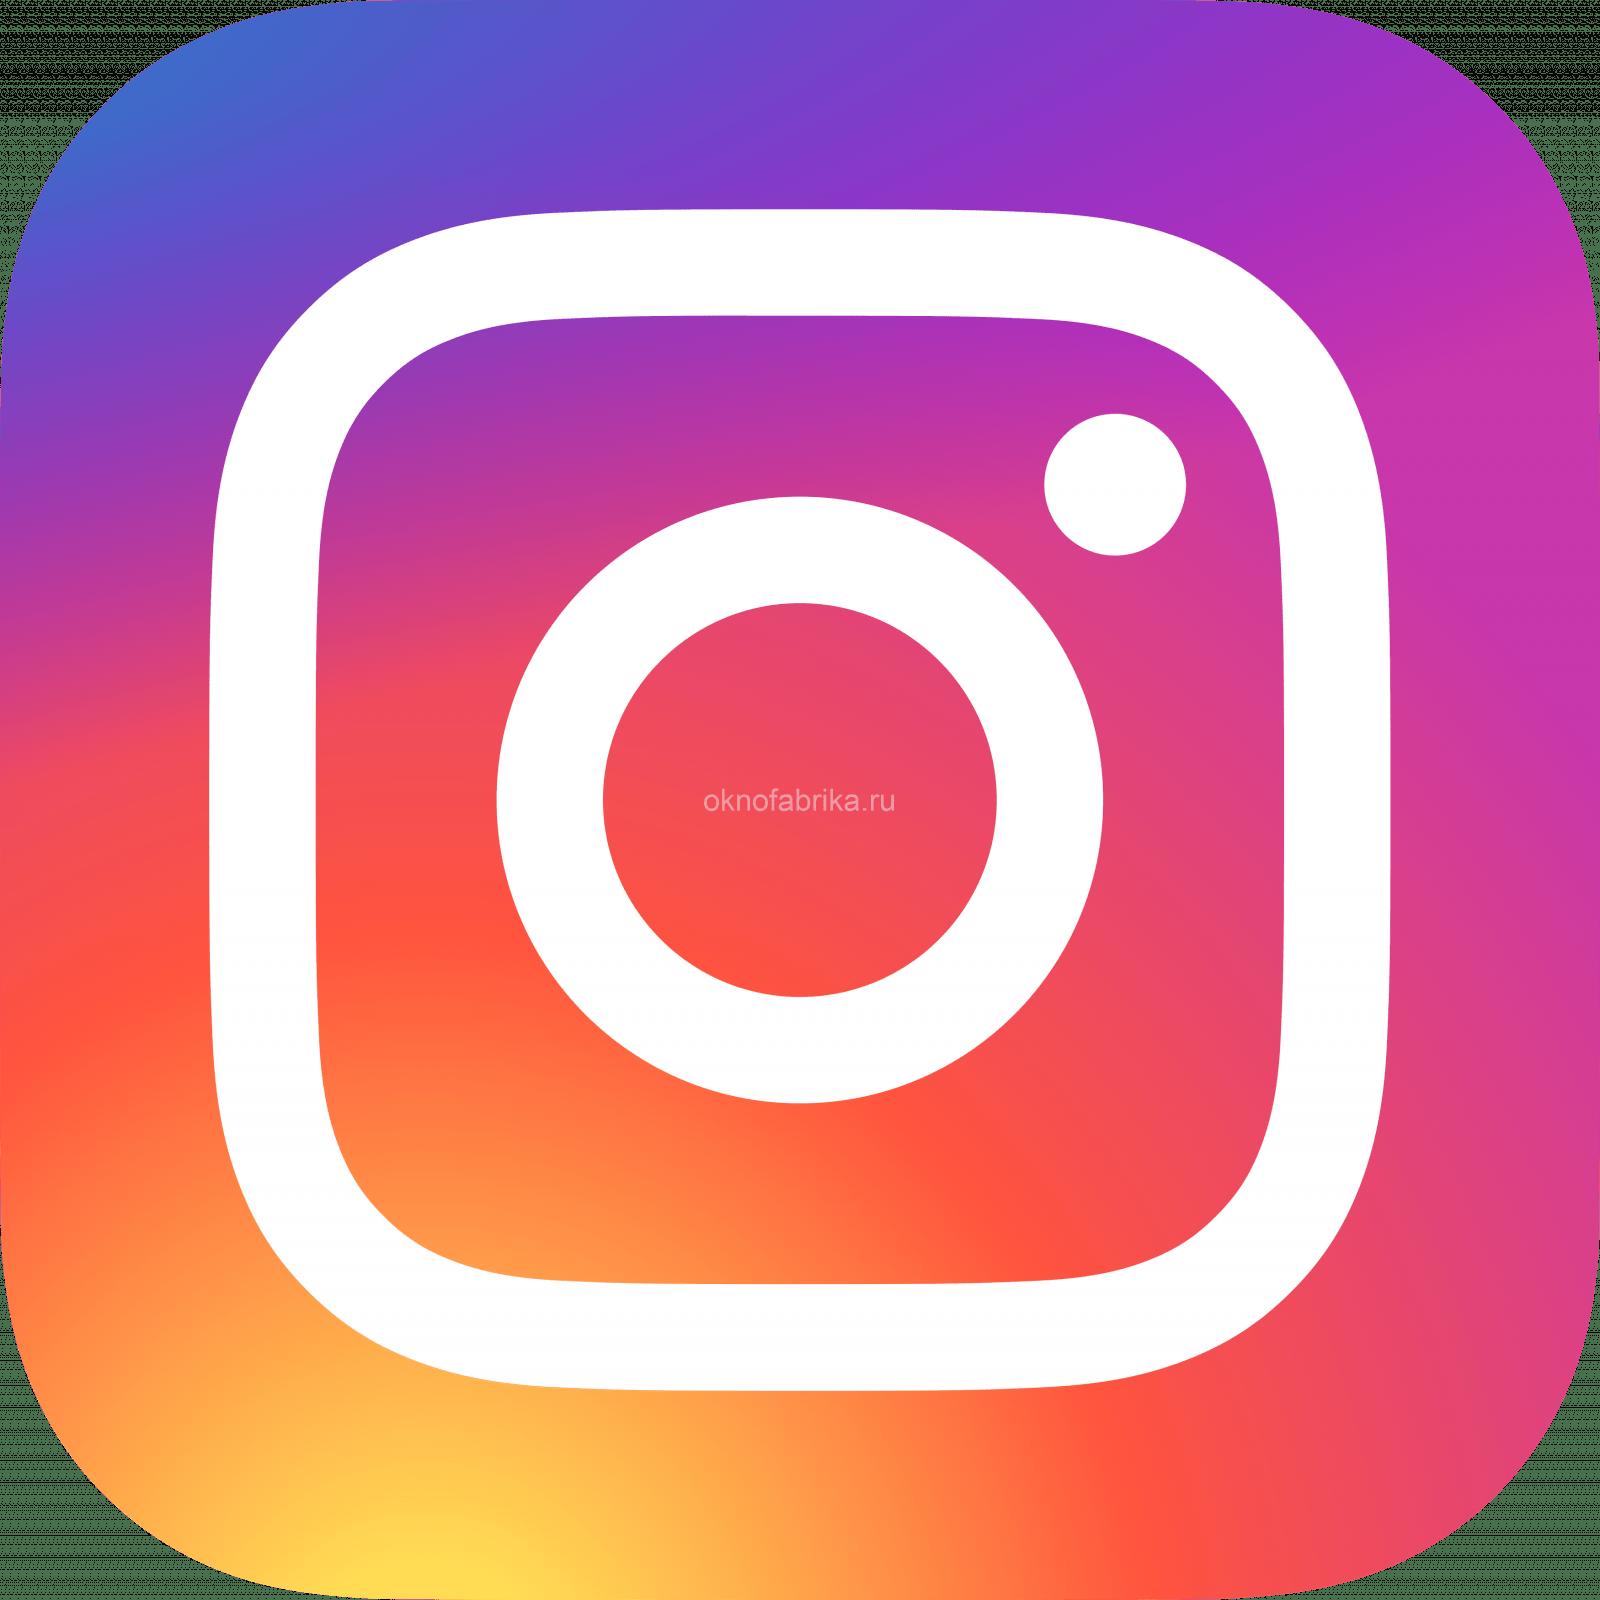 Мягкие окна instagram